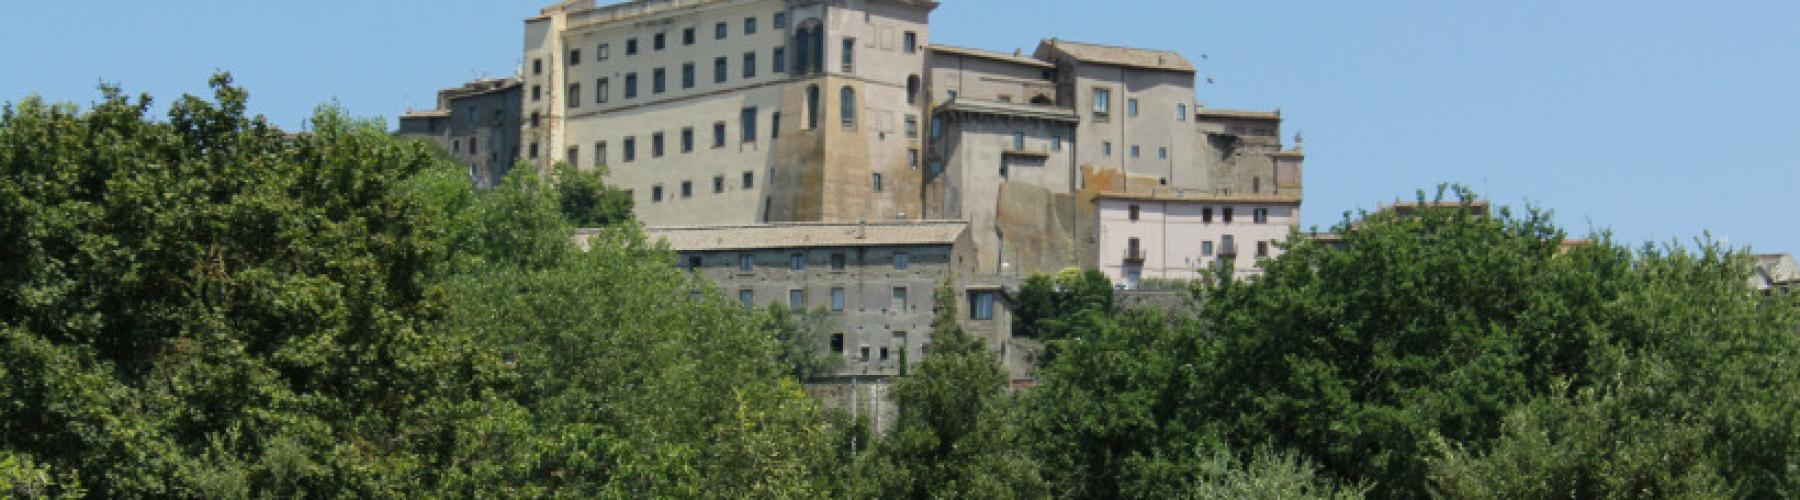 Copertina Palazzo Orsini Bomarzo